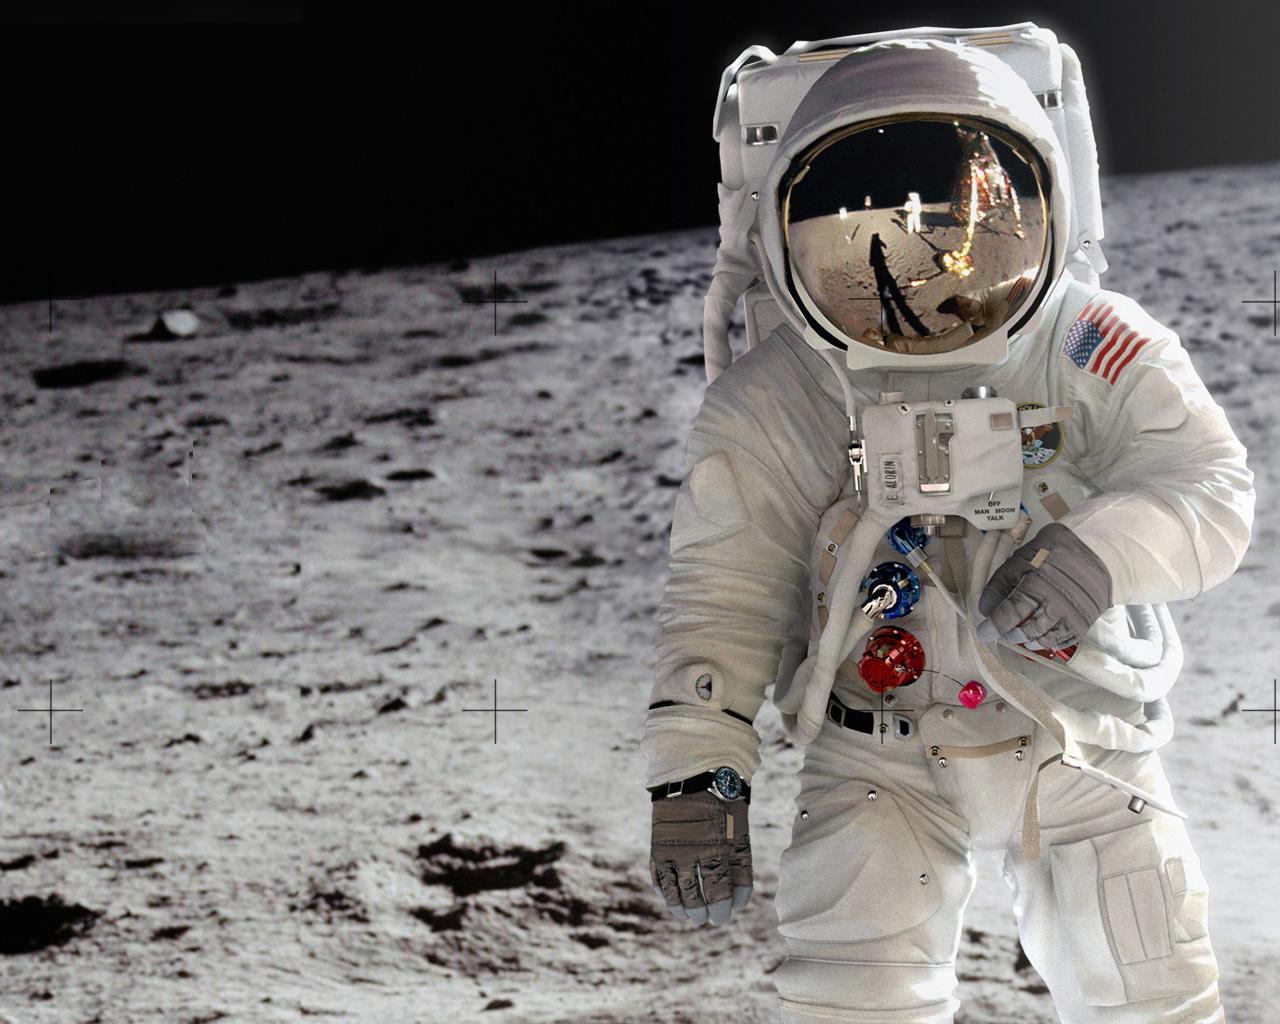 Amazing Astronaut in Moon Wallpaper 1280x1024 Desktop Wallpaper 1280x1024